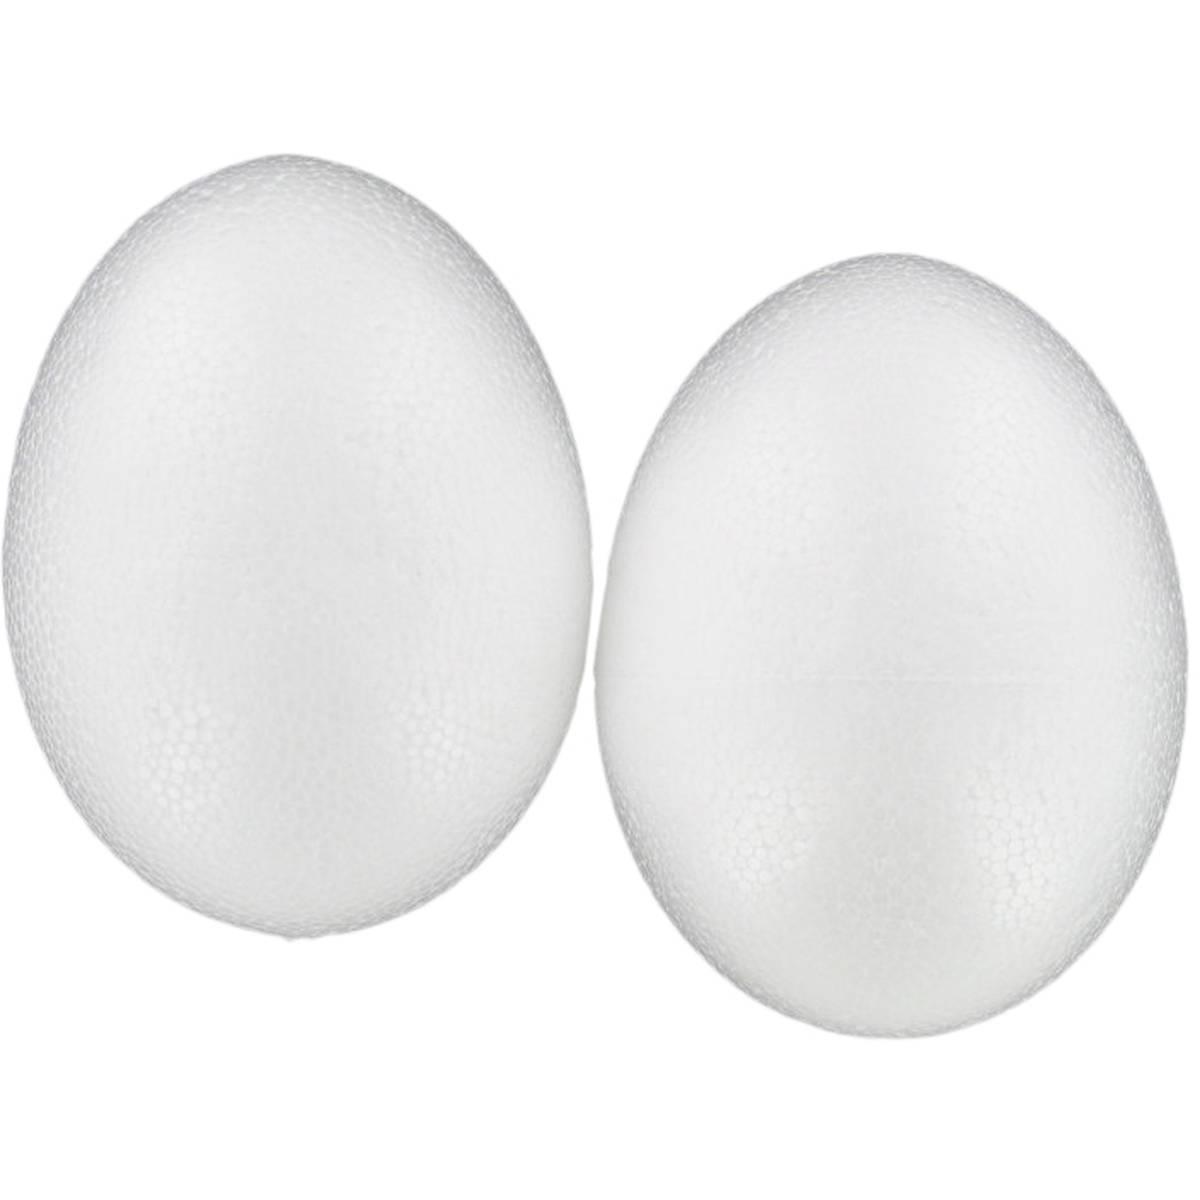 14cm Foam Egg 2Pk